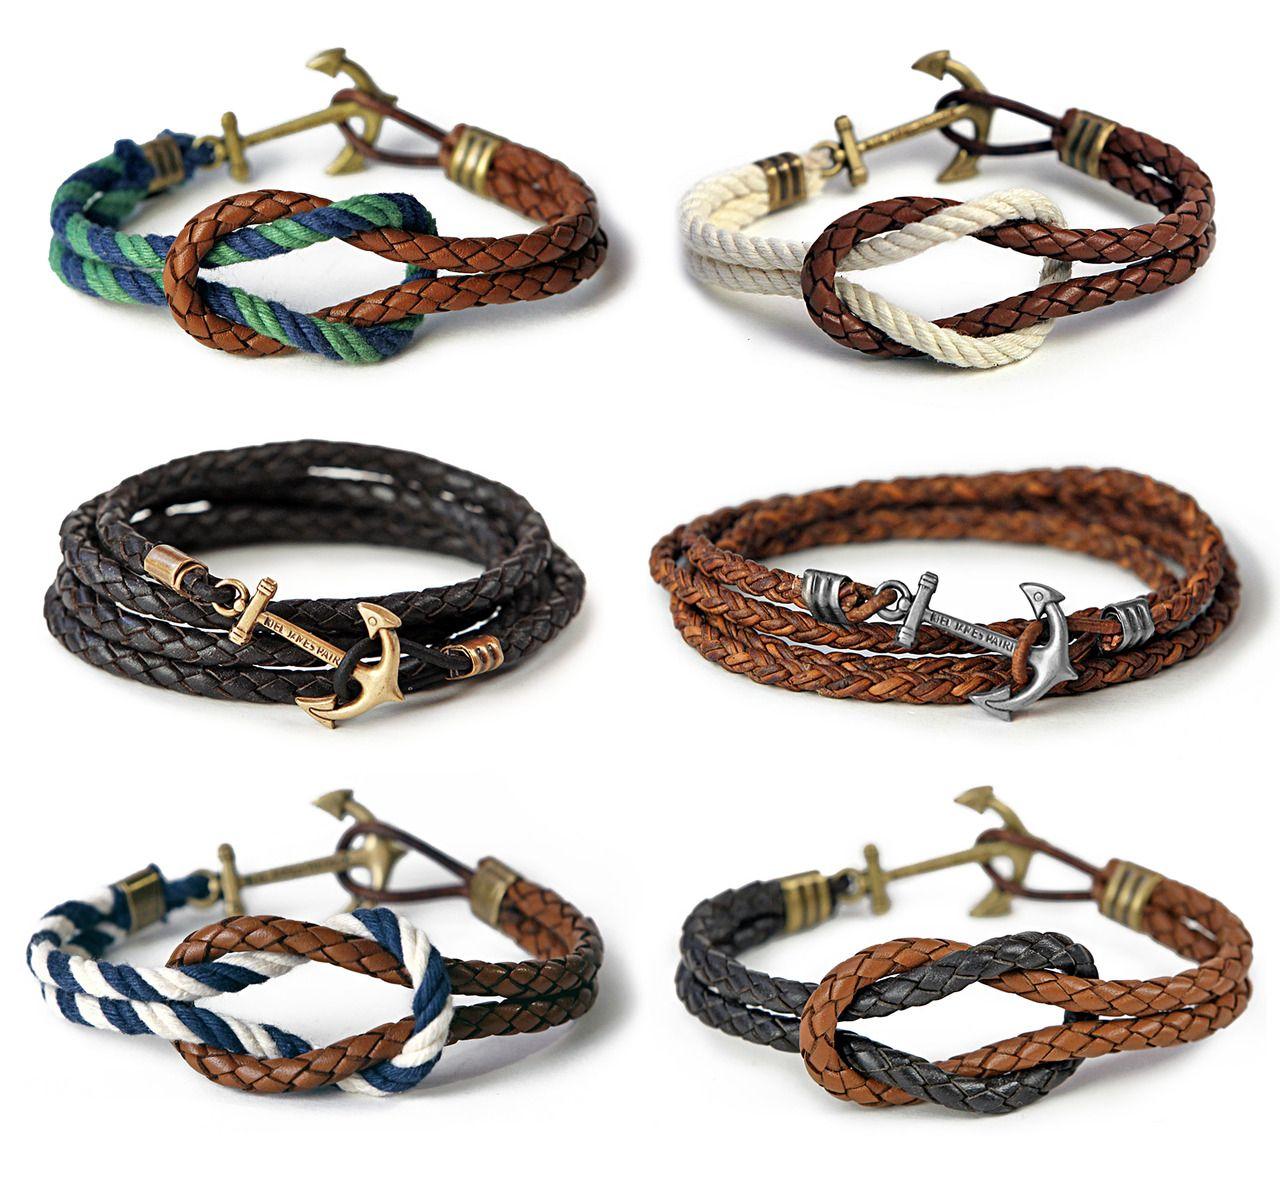 96c0c9fe1ffd anchor bracelets me encanta para el verano